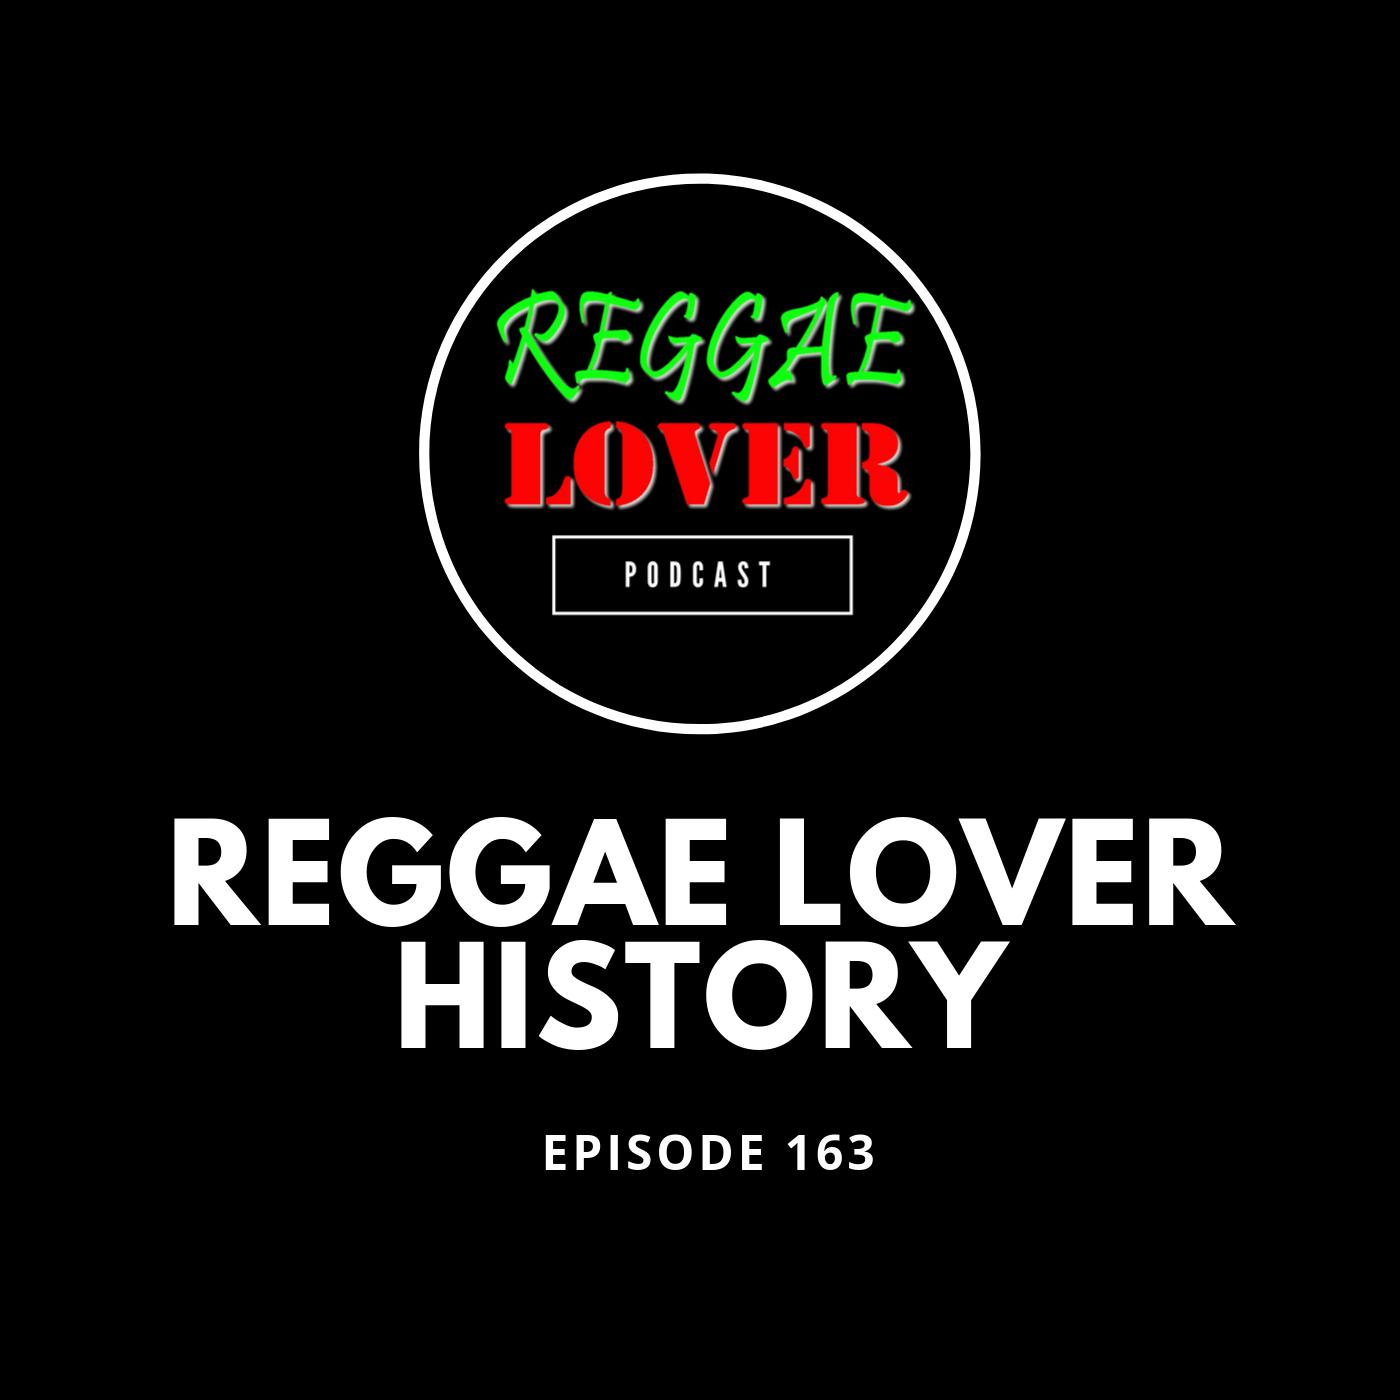 Reggae Lover Podcast image